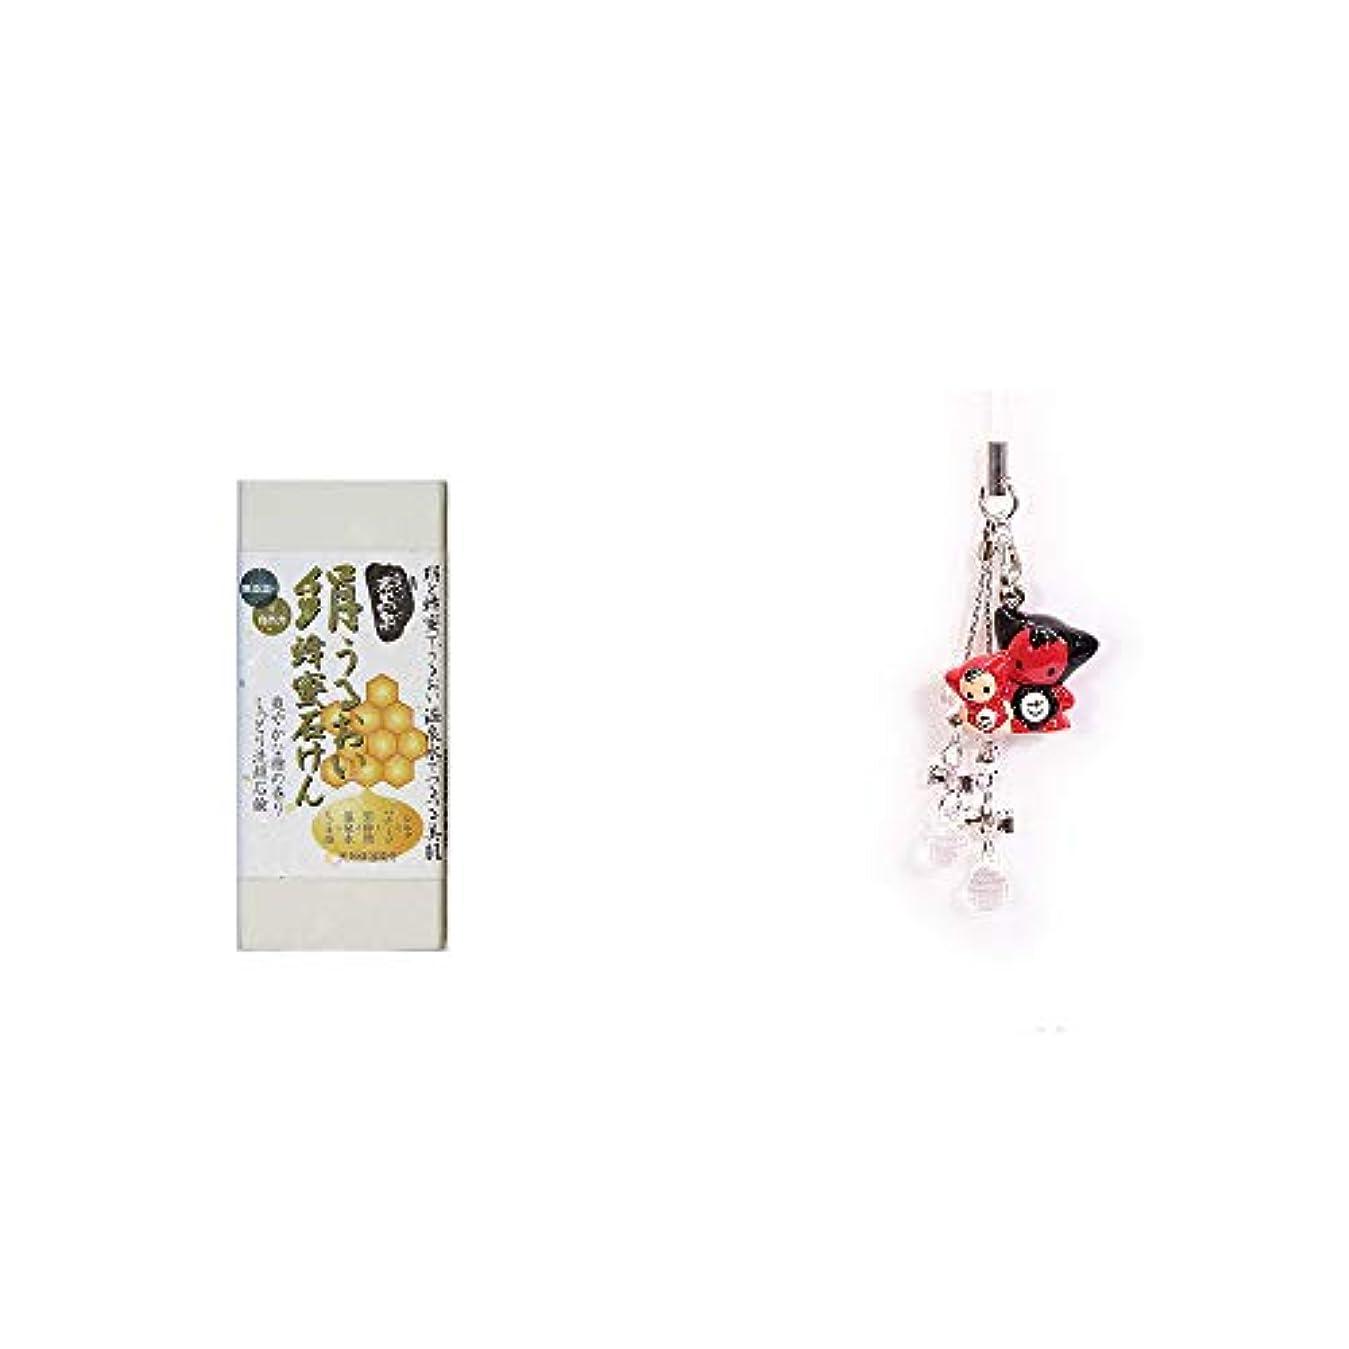 踏みつけスタンドアーチ[2点セット] ひのき炭黒泉 絹うるおい蜂蜜石けん(75g×2)?さるぼぼペアビーズストラップ 【クリア】/縁結び?魔除け//